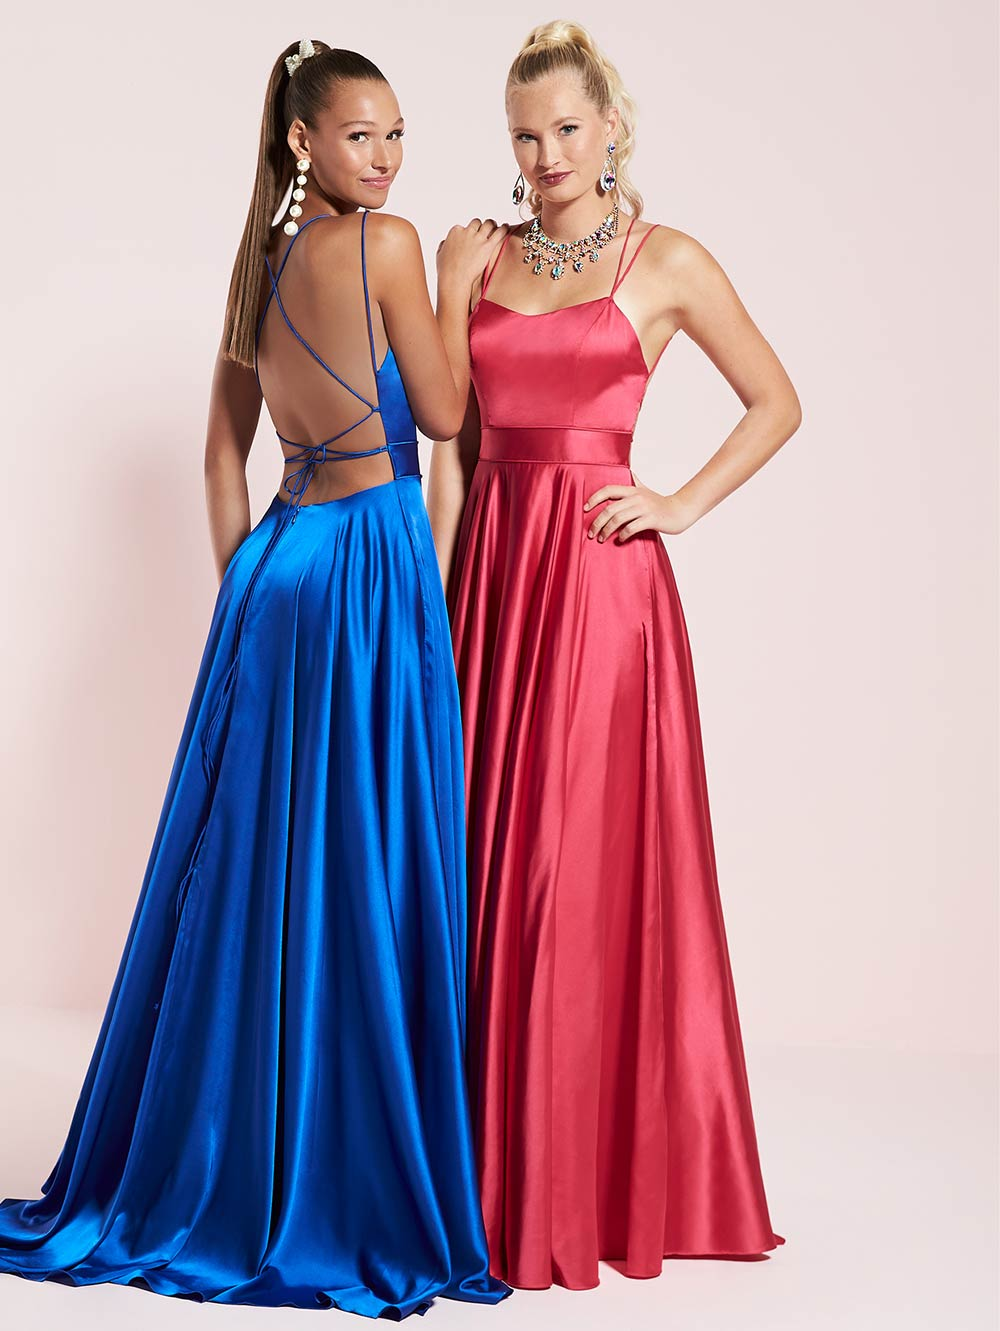 prom-dresses-jacquelin-bridals-canada-27516